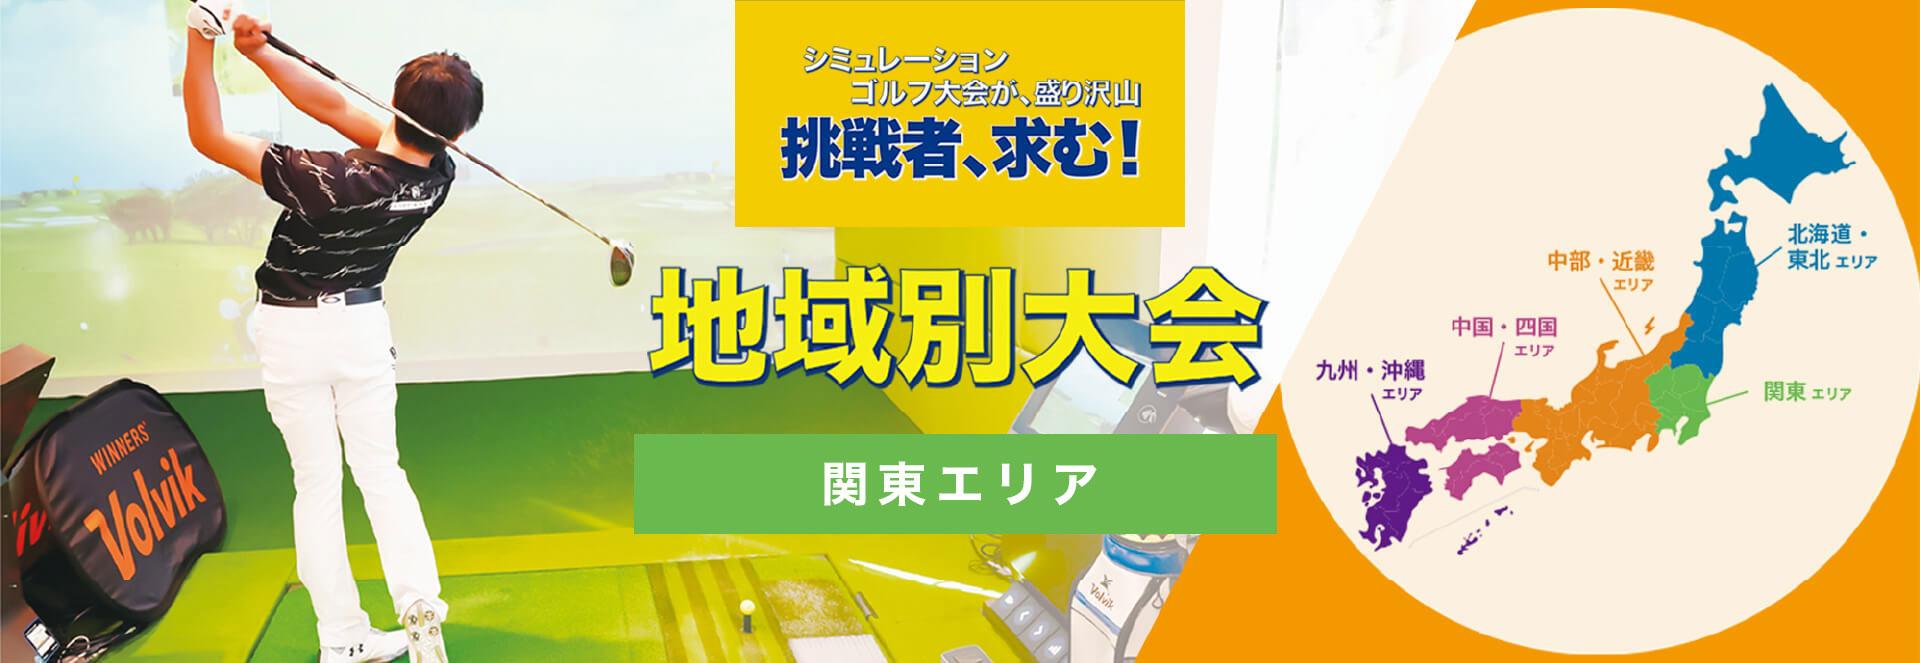 地域別大会/8月/関東エリア